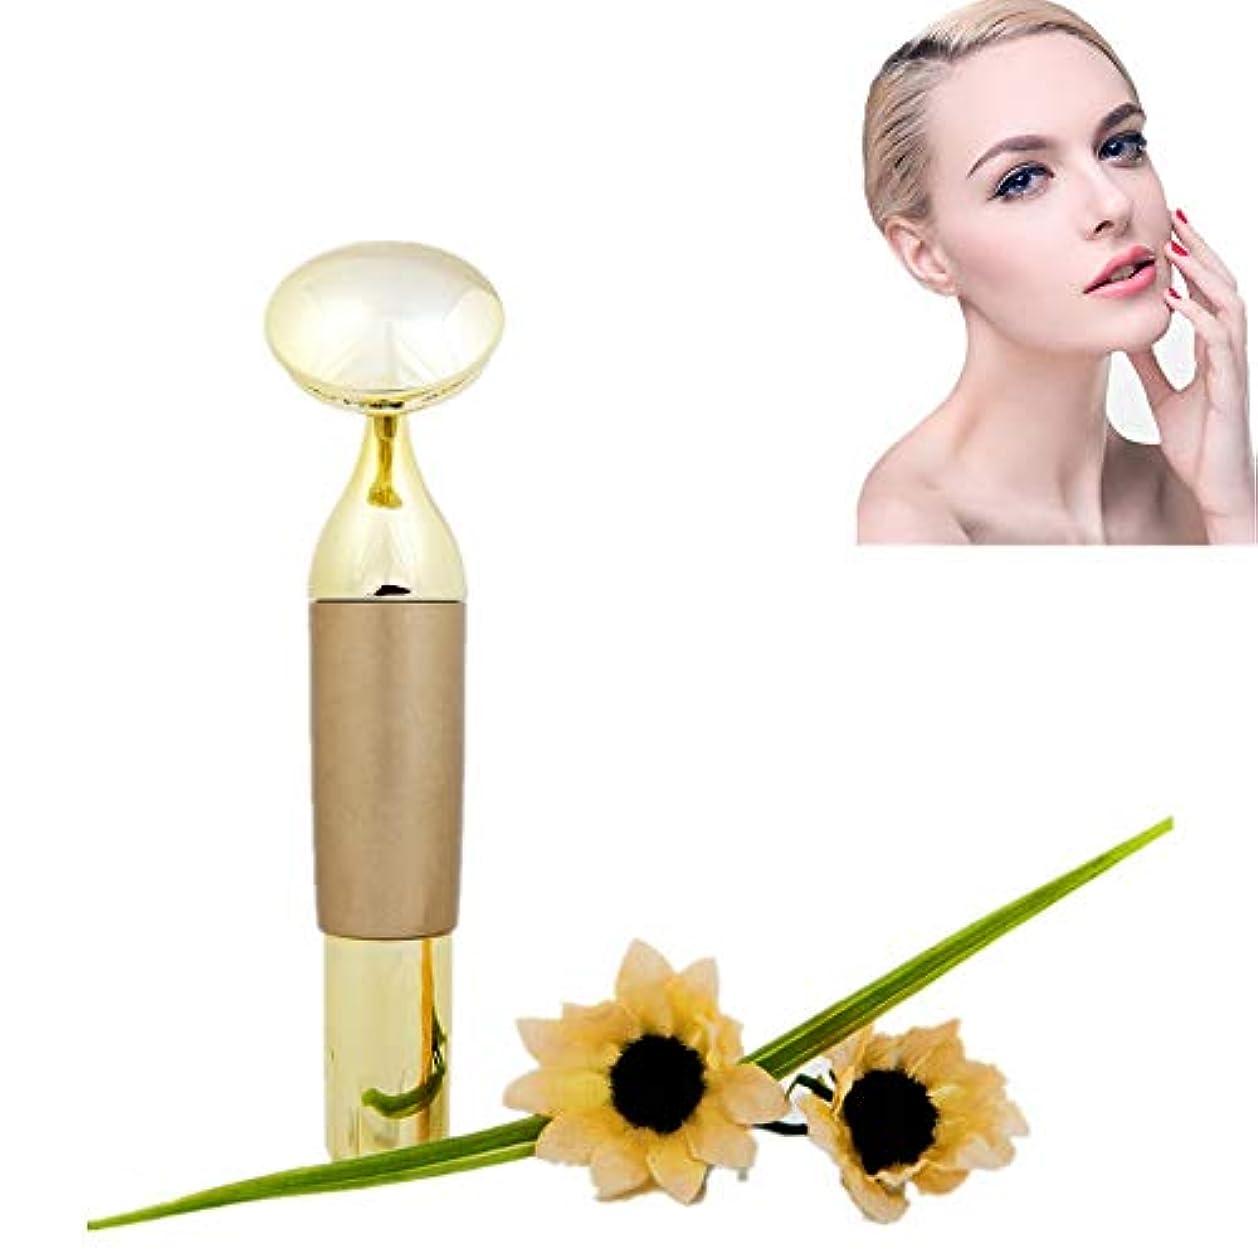 痛い層パス7022フェイスマッサージ電気フェイスローラーエネルギー美容バー用インスタントフェイスリフトアンチリンクル肌引き締めvフェイス美容ツール